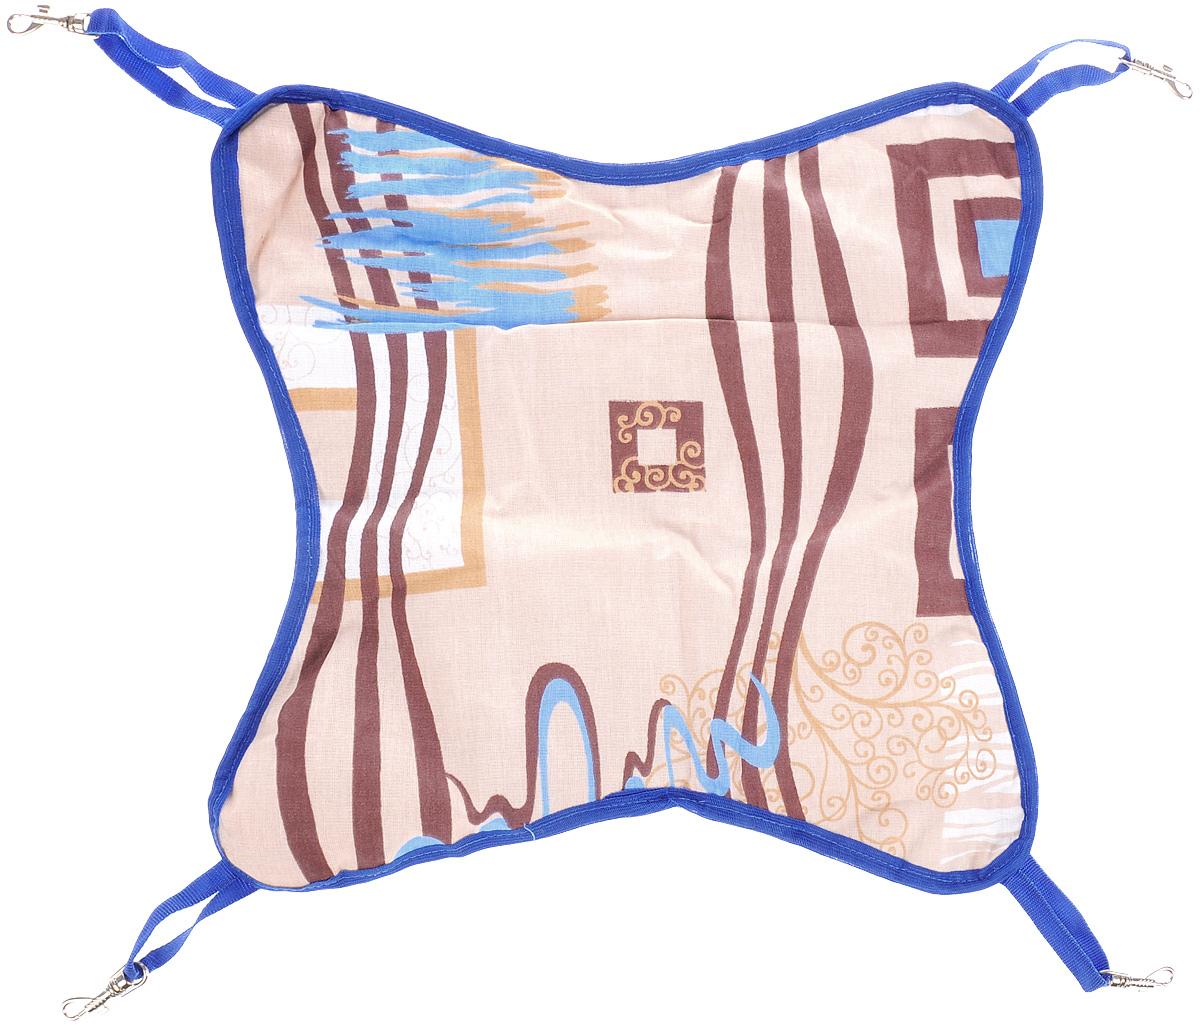 Гамак для шиншилл и хорьков ЗооМарк, подвесной, цвет: бежевый, коричневый, синий. Д-11 beijilang двойной гамак синий наружный гамак свинг один одиночный двойной холст закрытый гамак 200 150 см синий